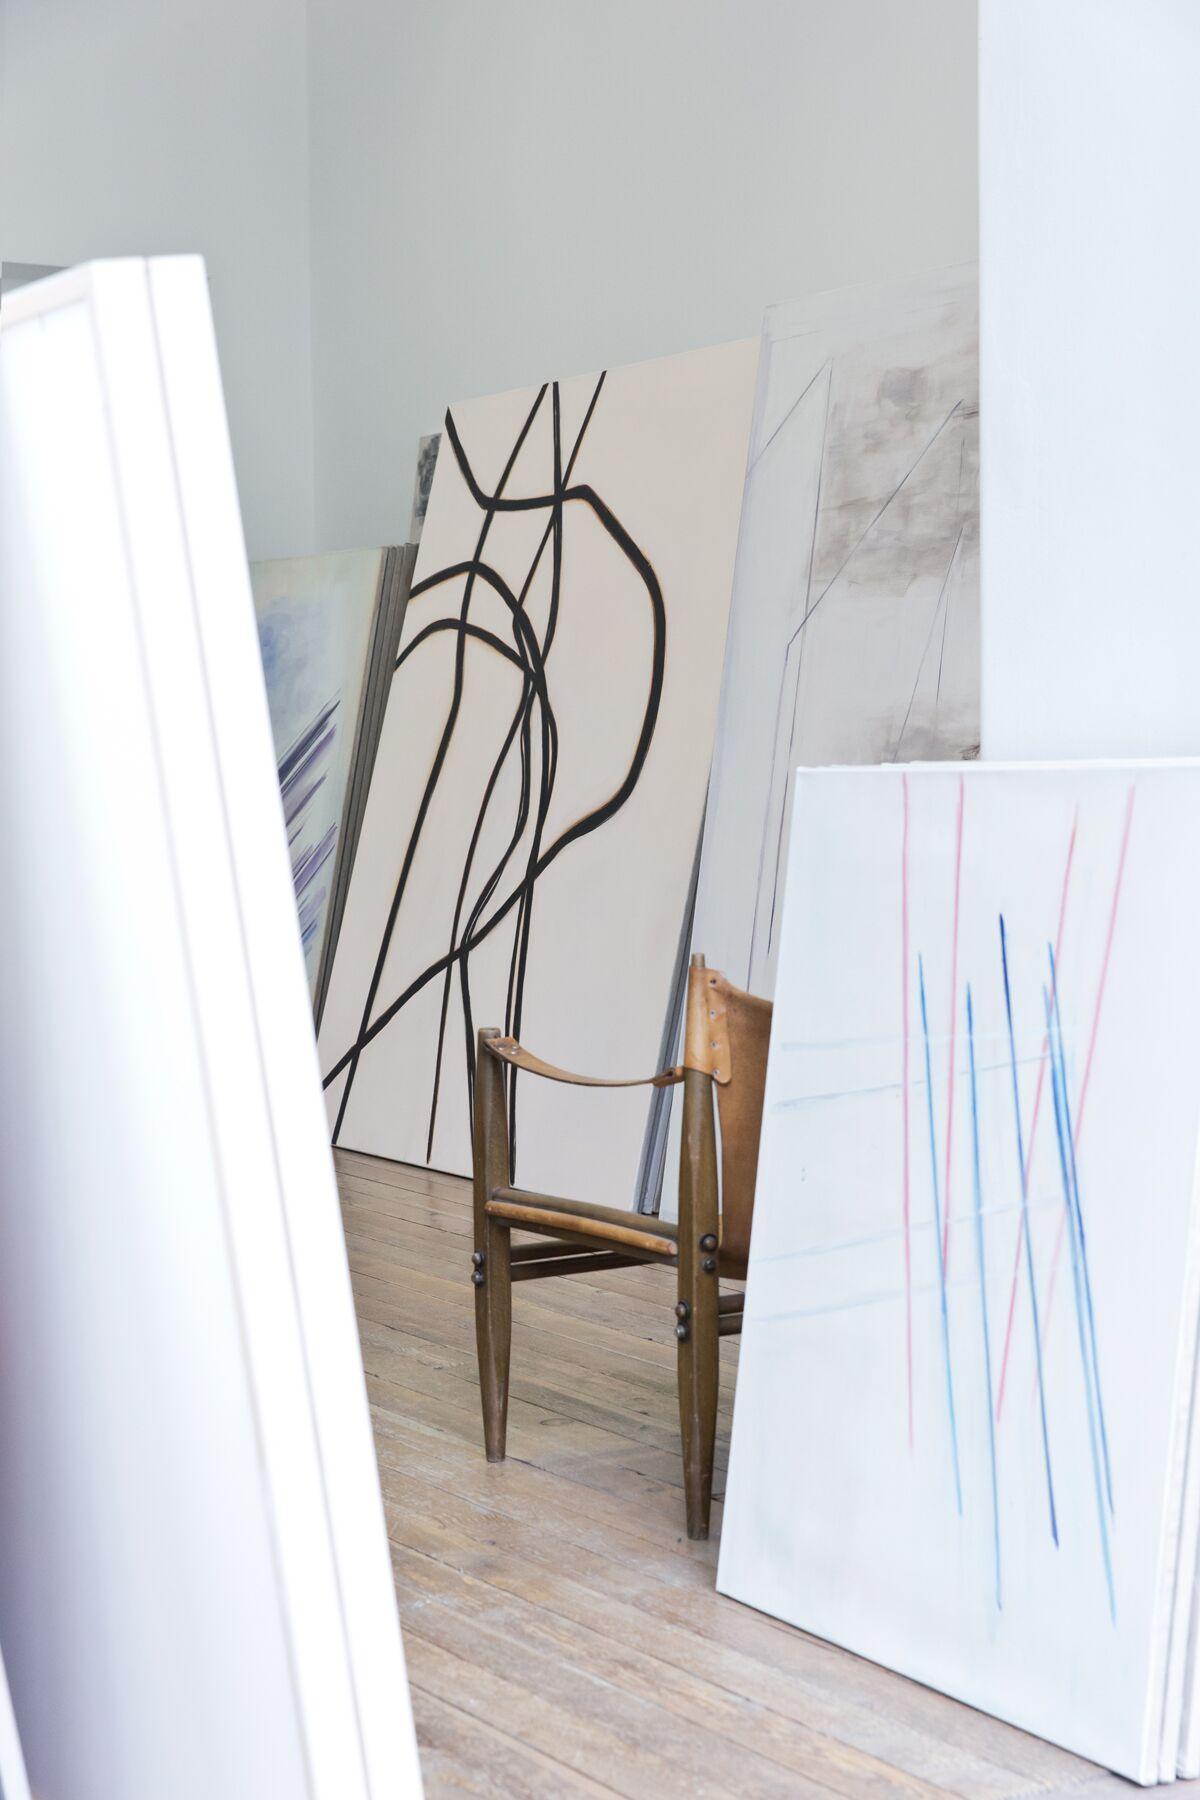 Markus Roessle Suse Krawagna Künstlerin Malerin Atelier Wien Kunst Linien Leinwand Kunstwerk